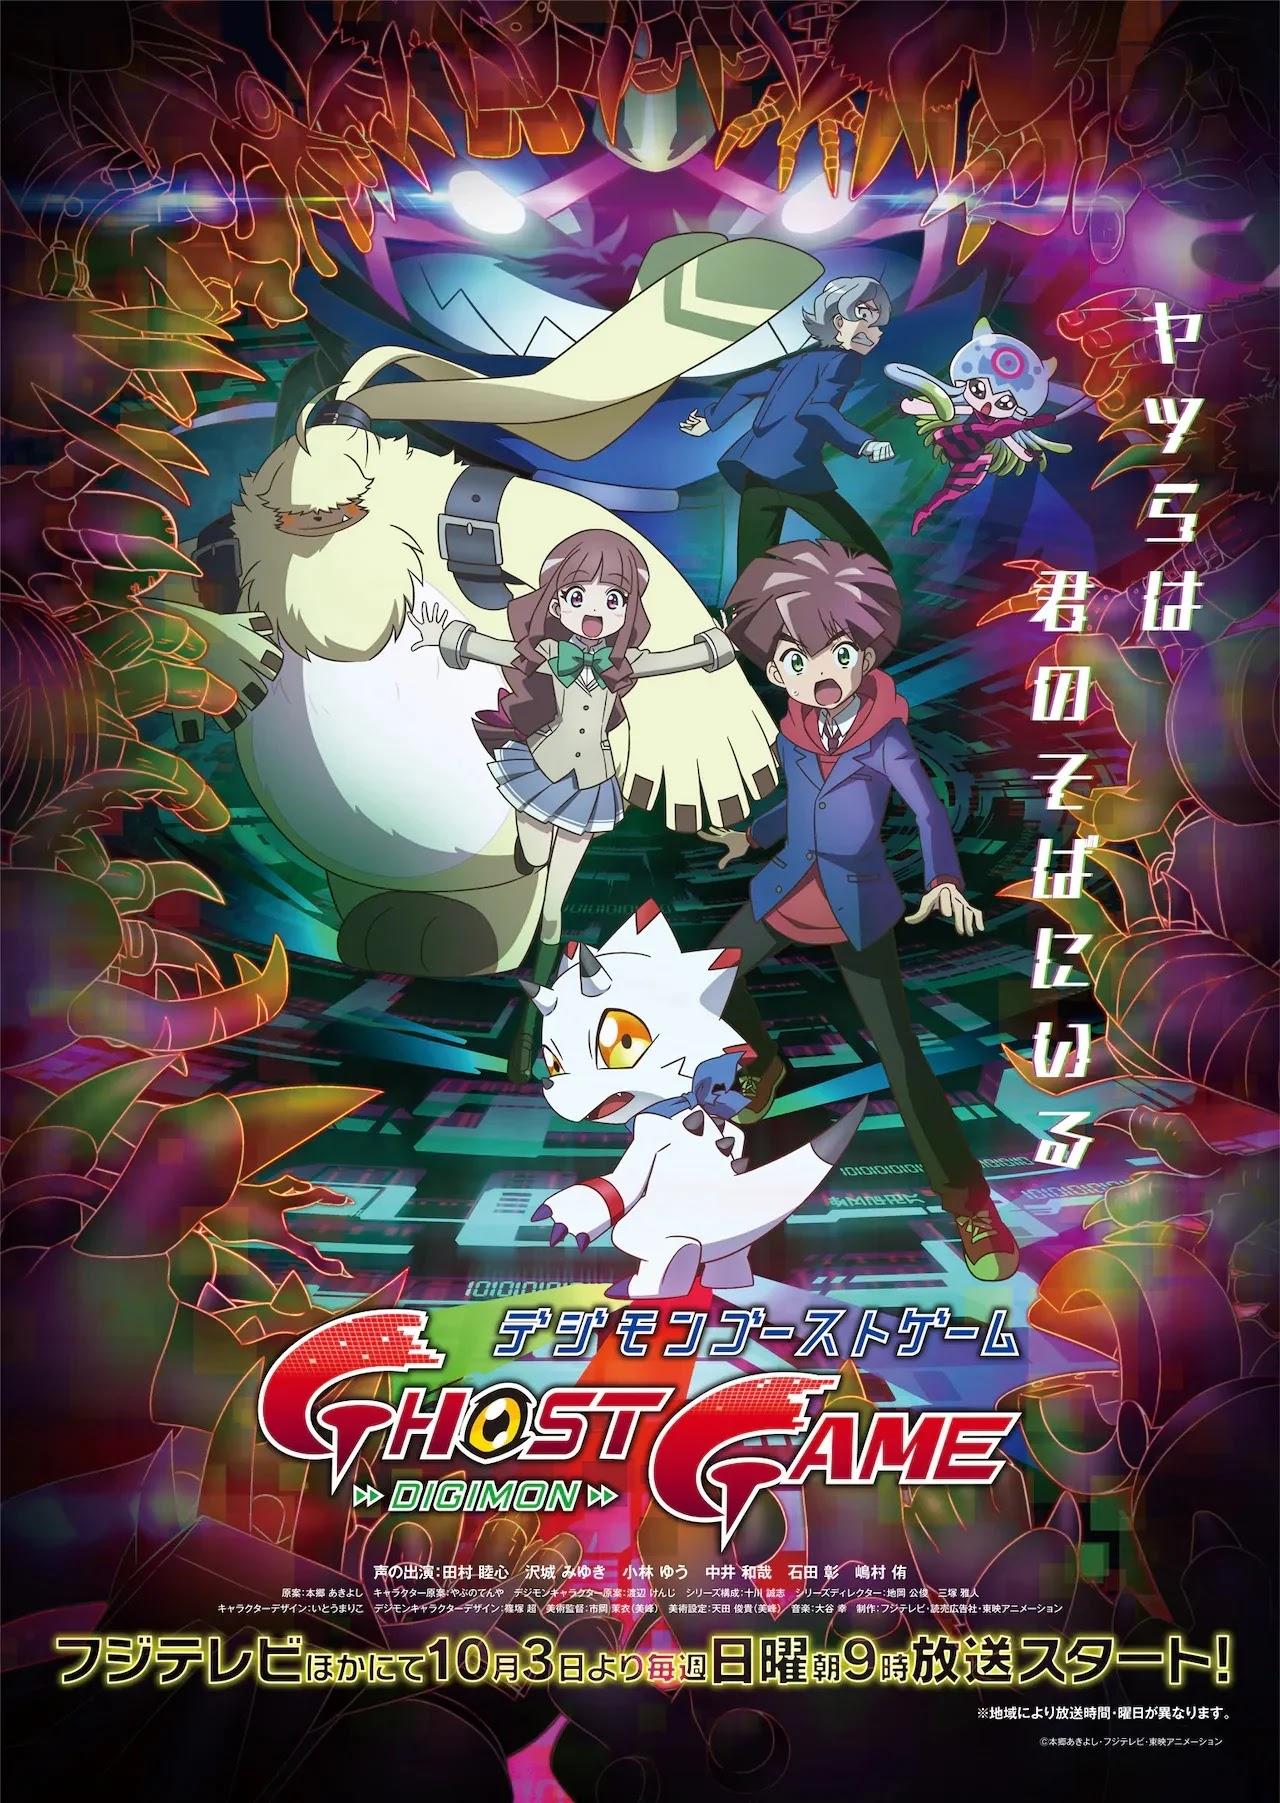 Anime Digimon Ghost Game revela primeiro vídeo promocional